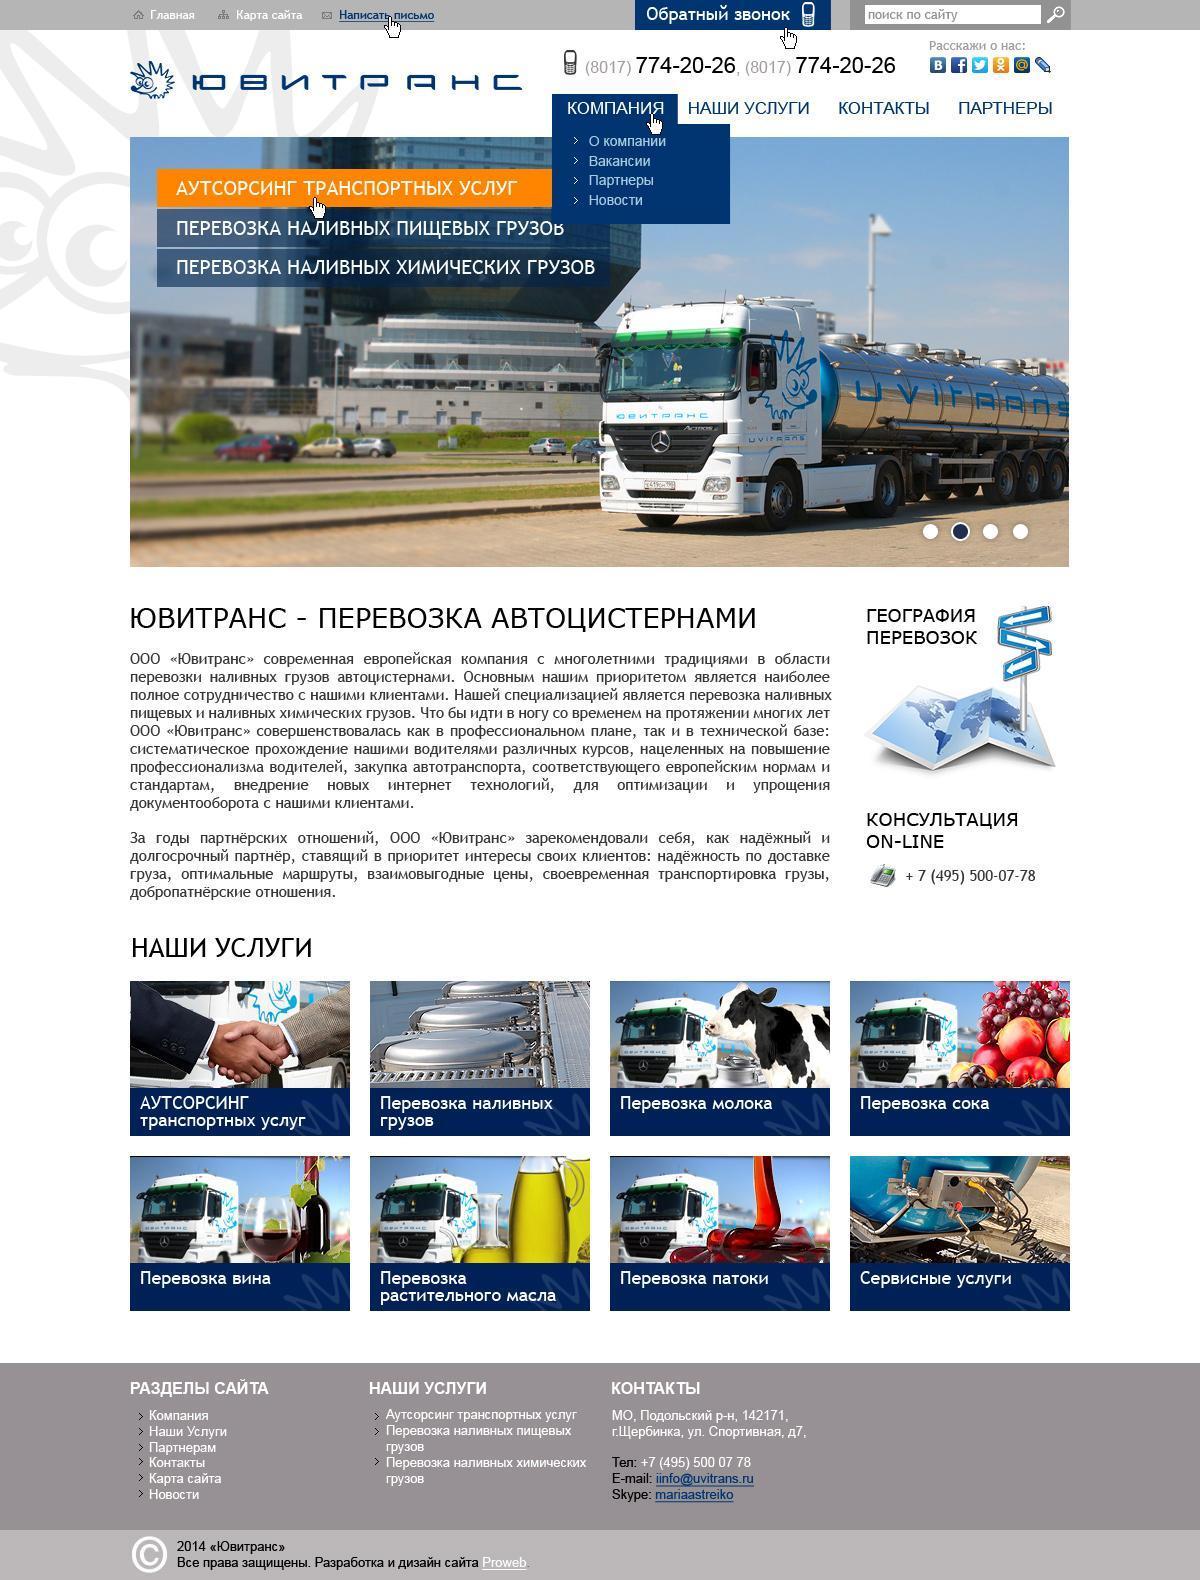 Корпоративный сайт ООО «Ювитранс»